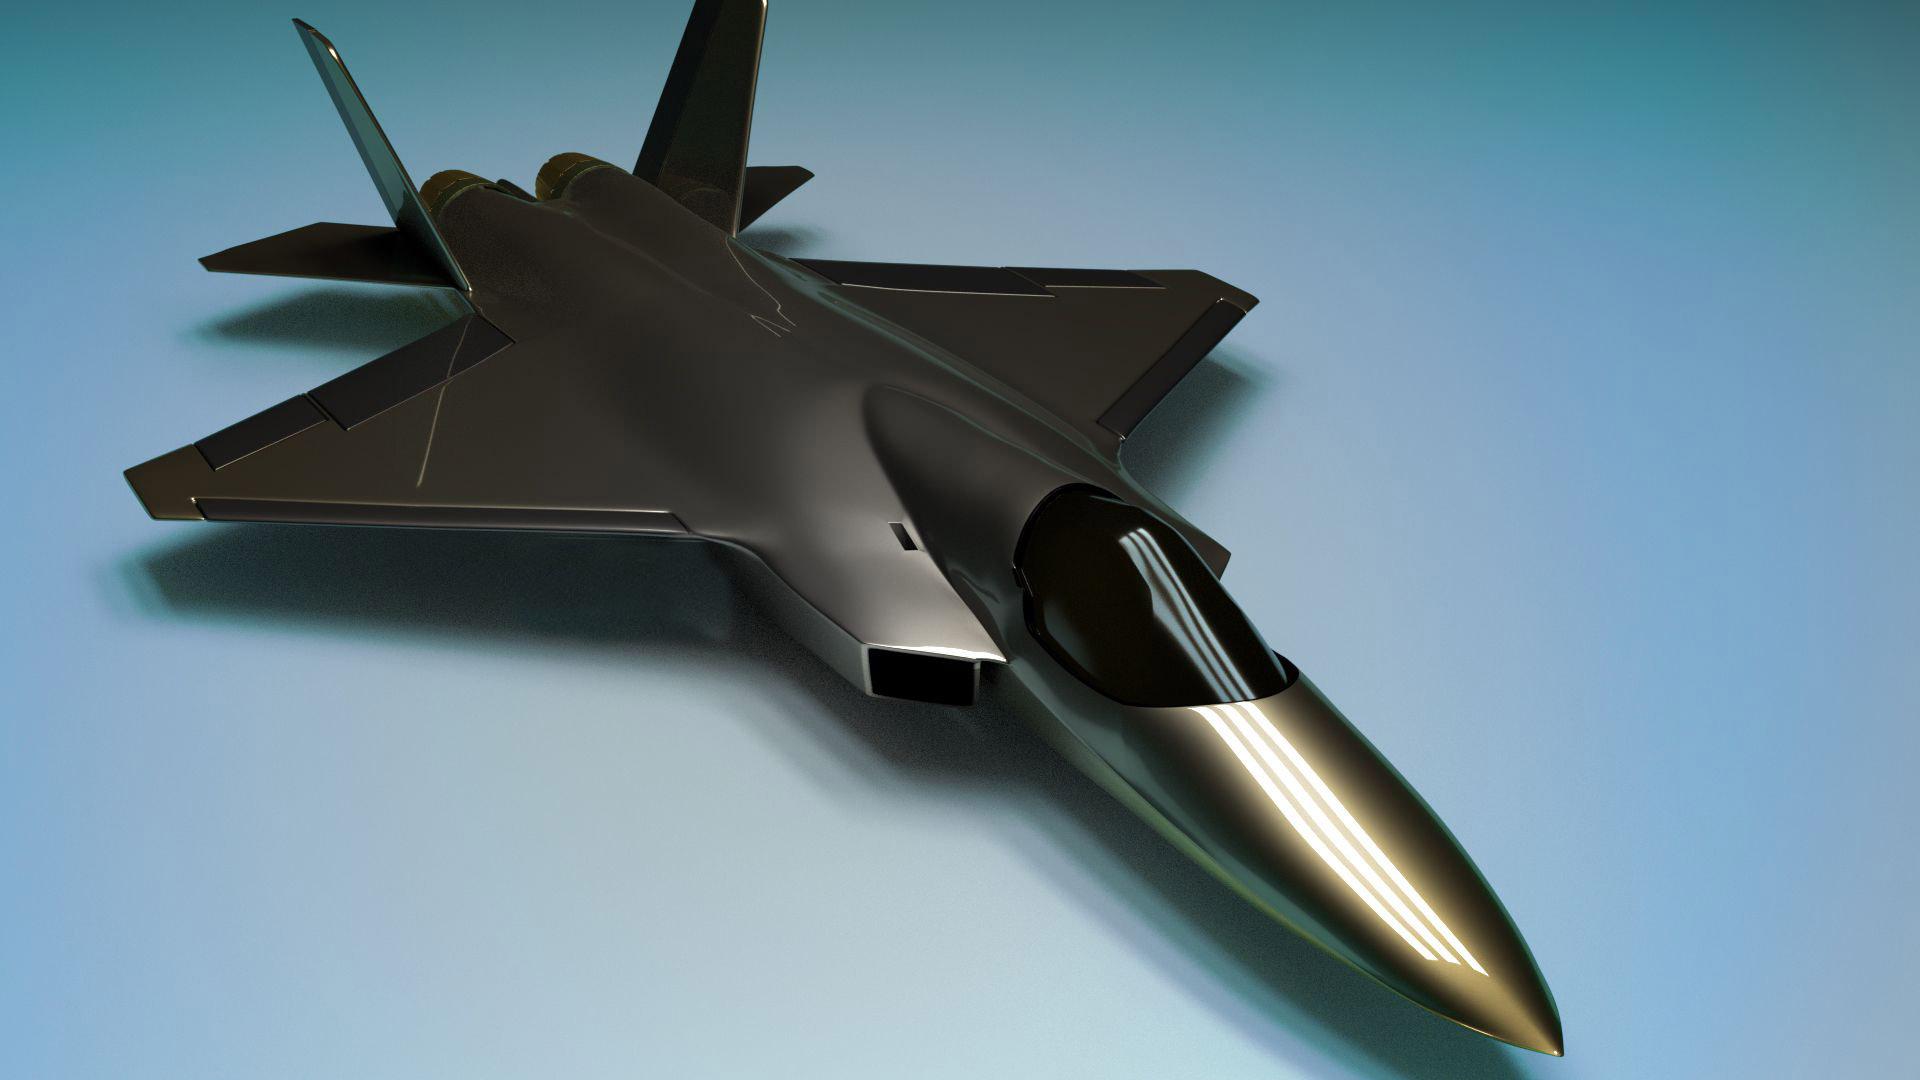 印度AMCA隐形战机科幻爆表